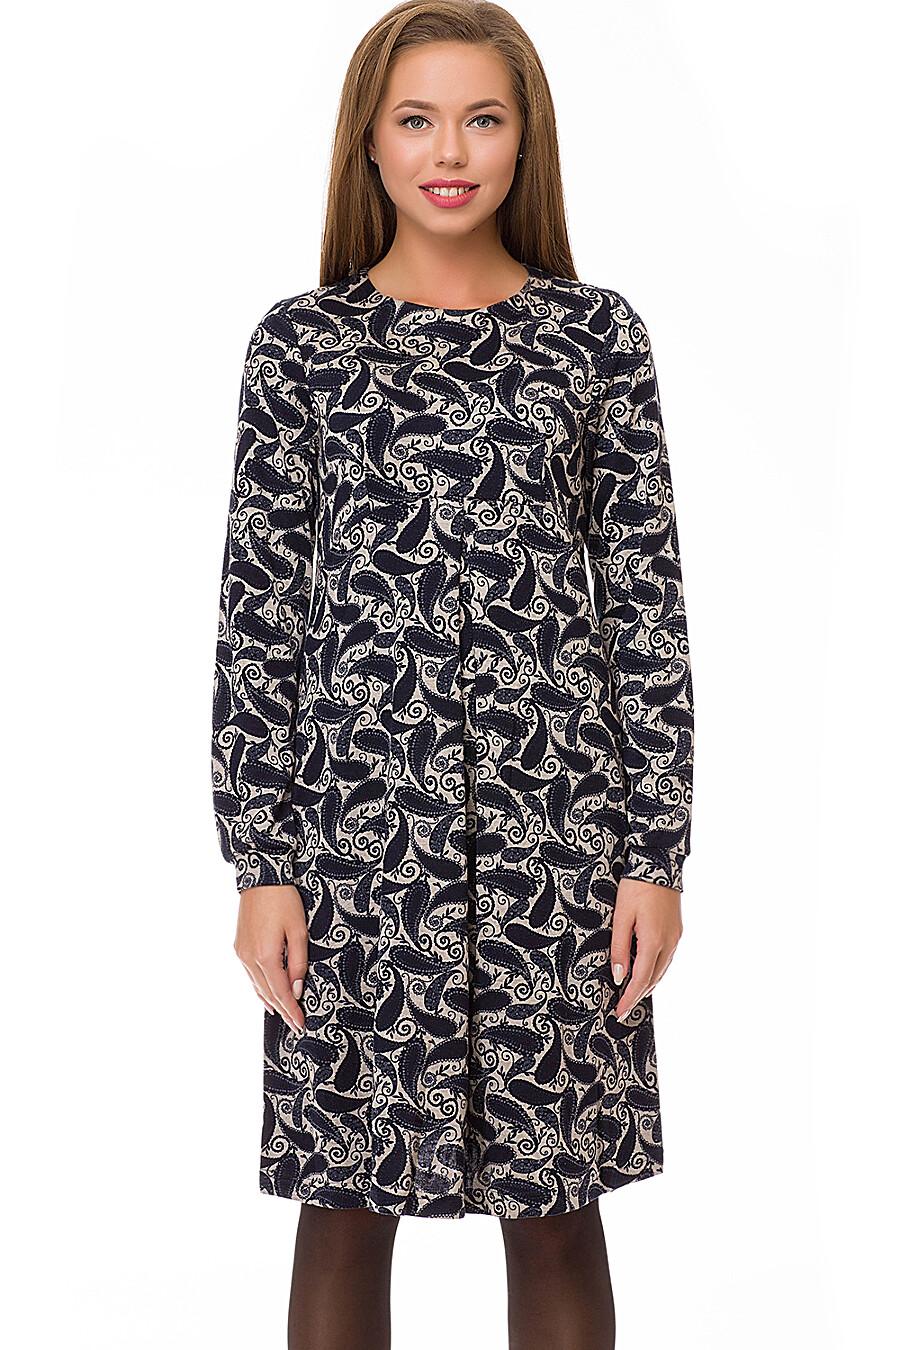 Платье #72297